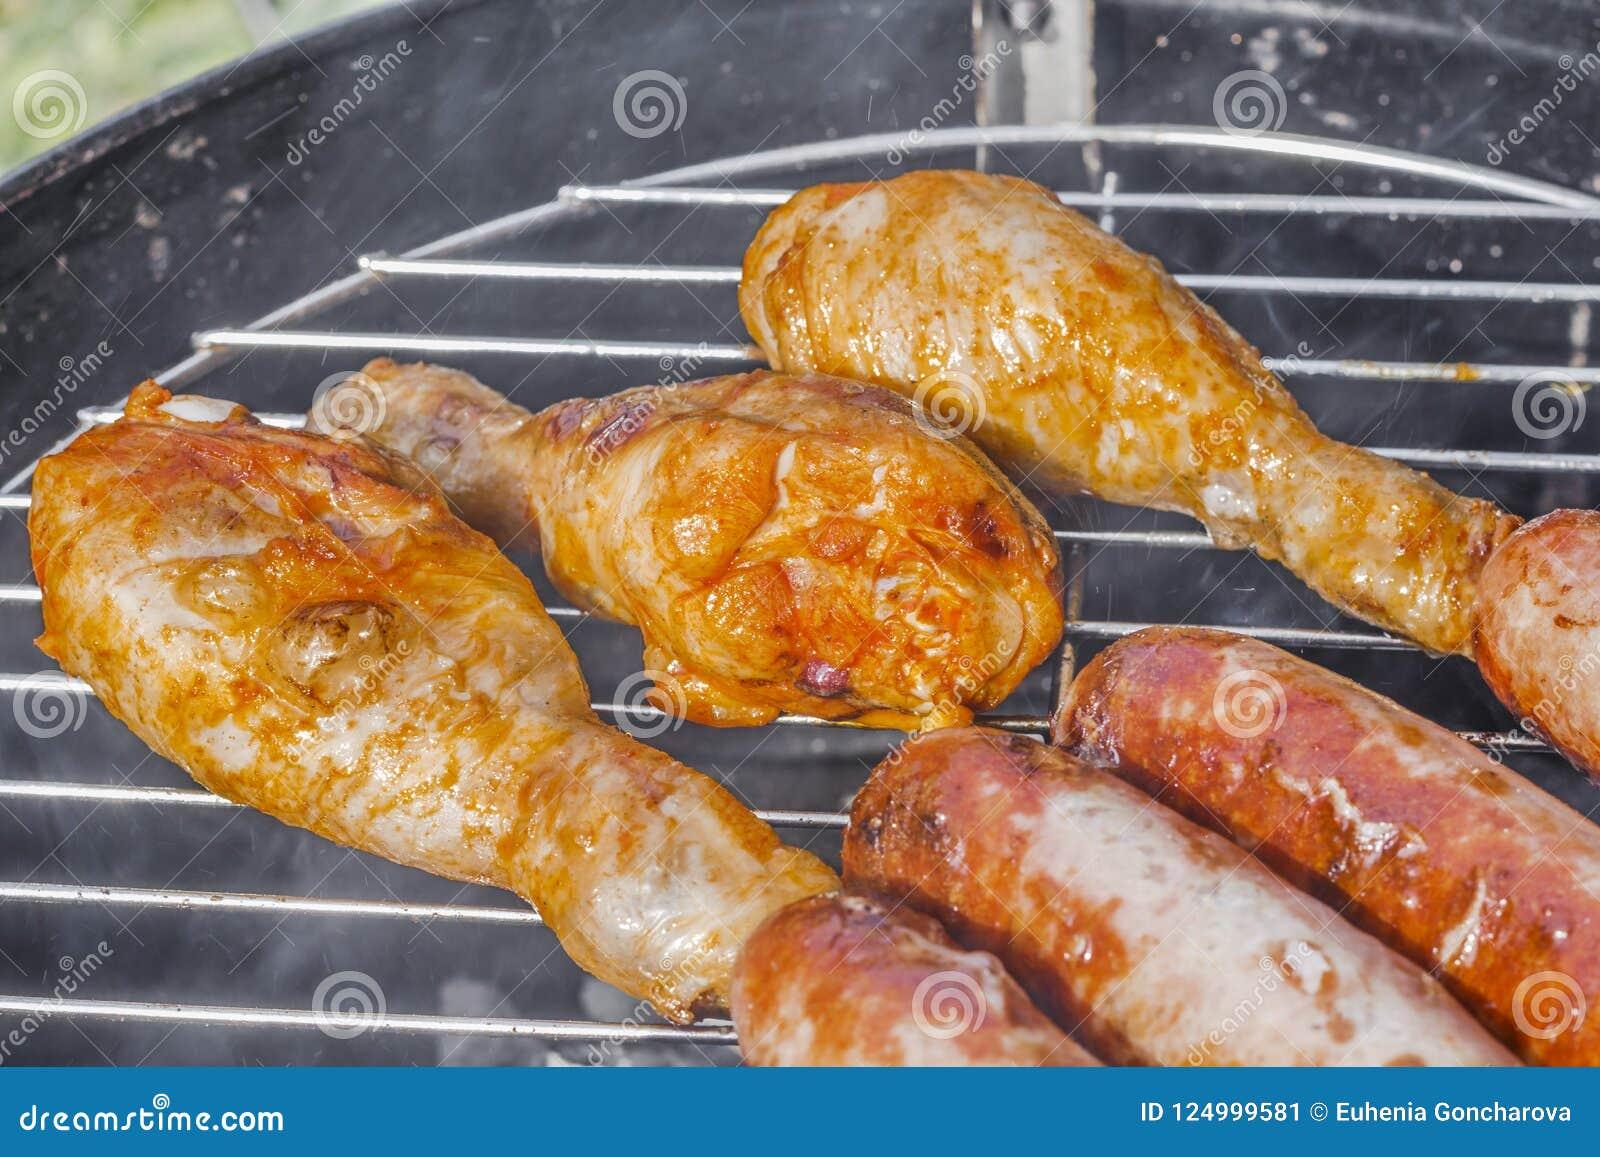 Geroosterd worsten en van kippenbenen close-up op de grill